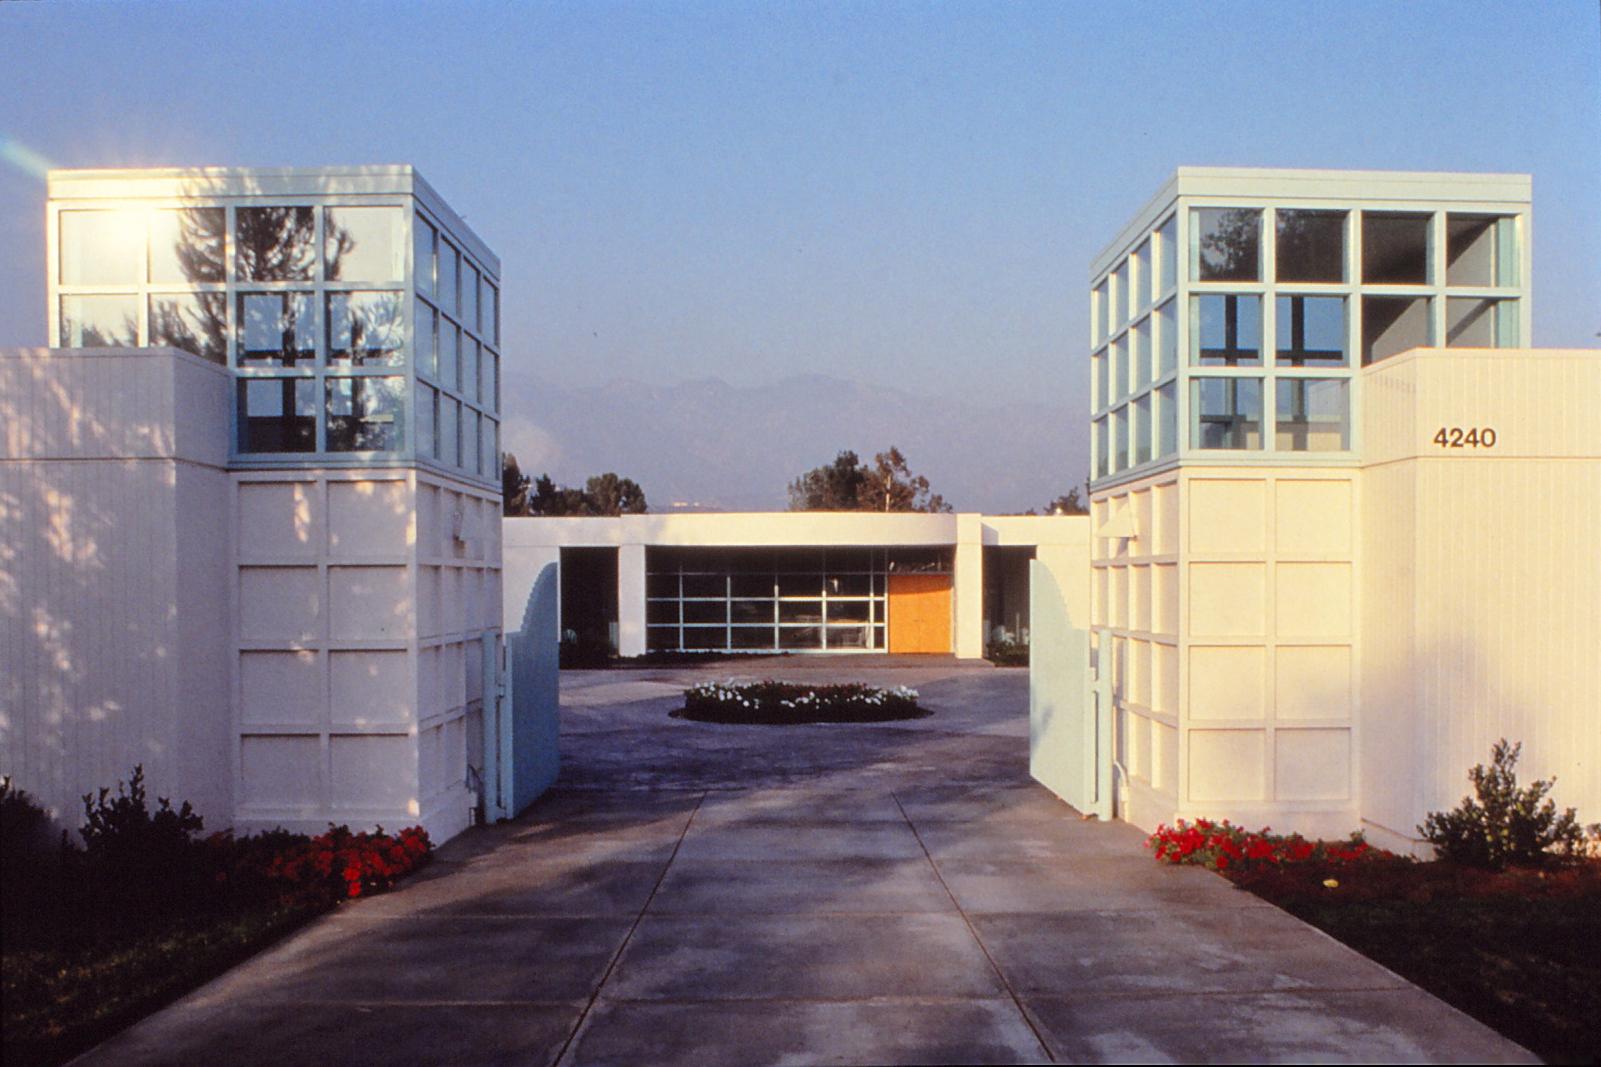 H'n:entry gate copy.jpg